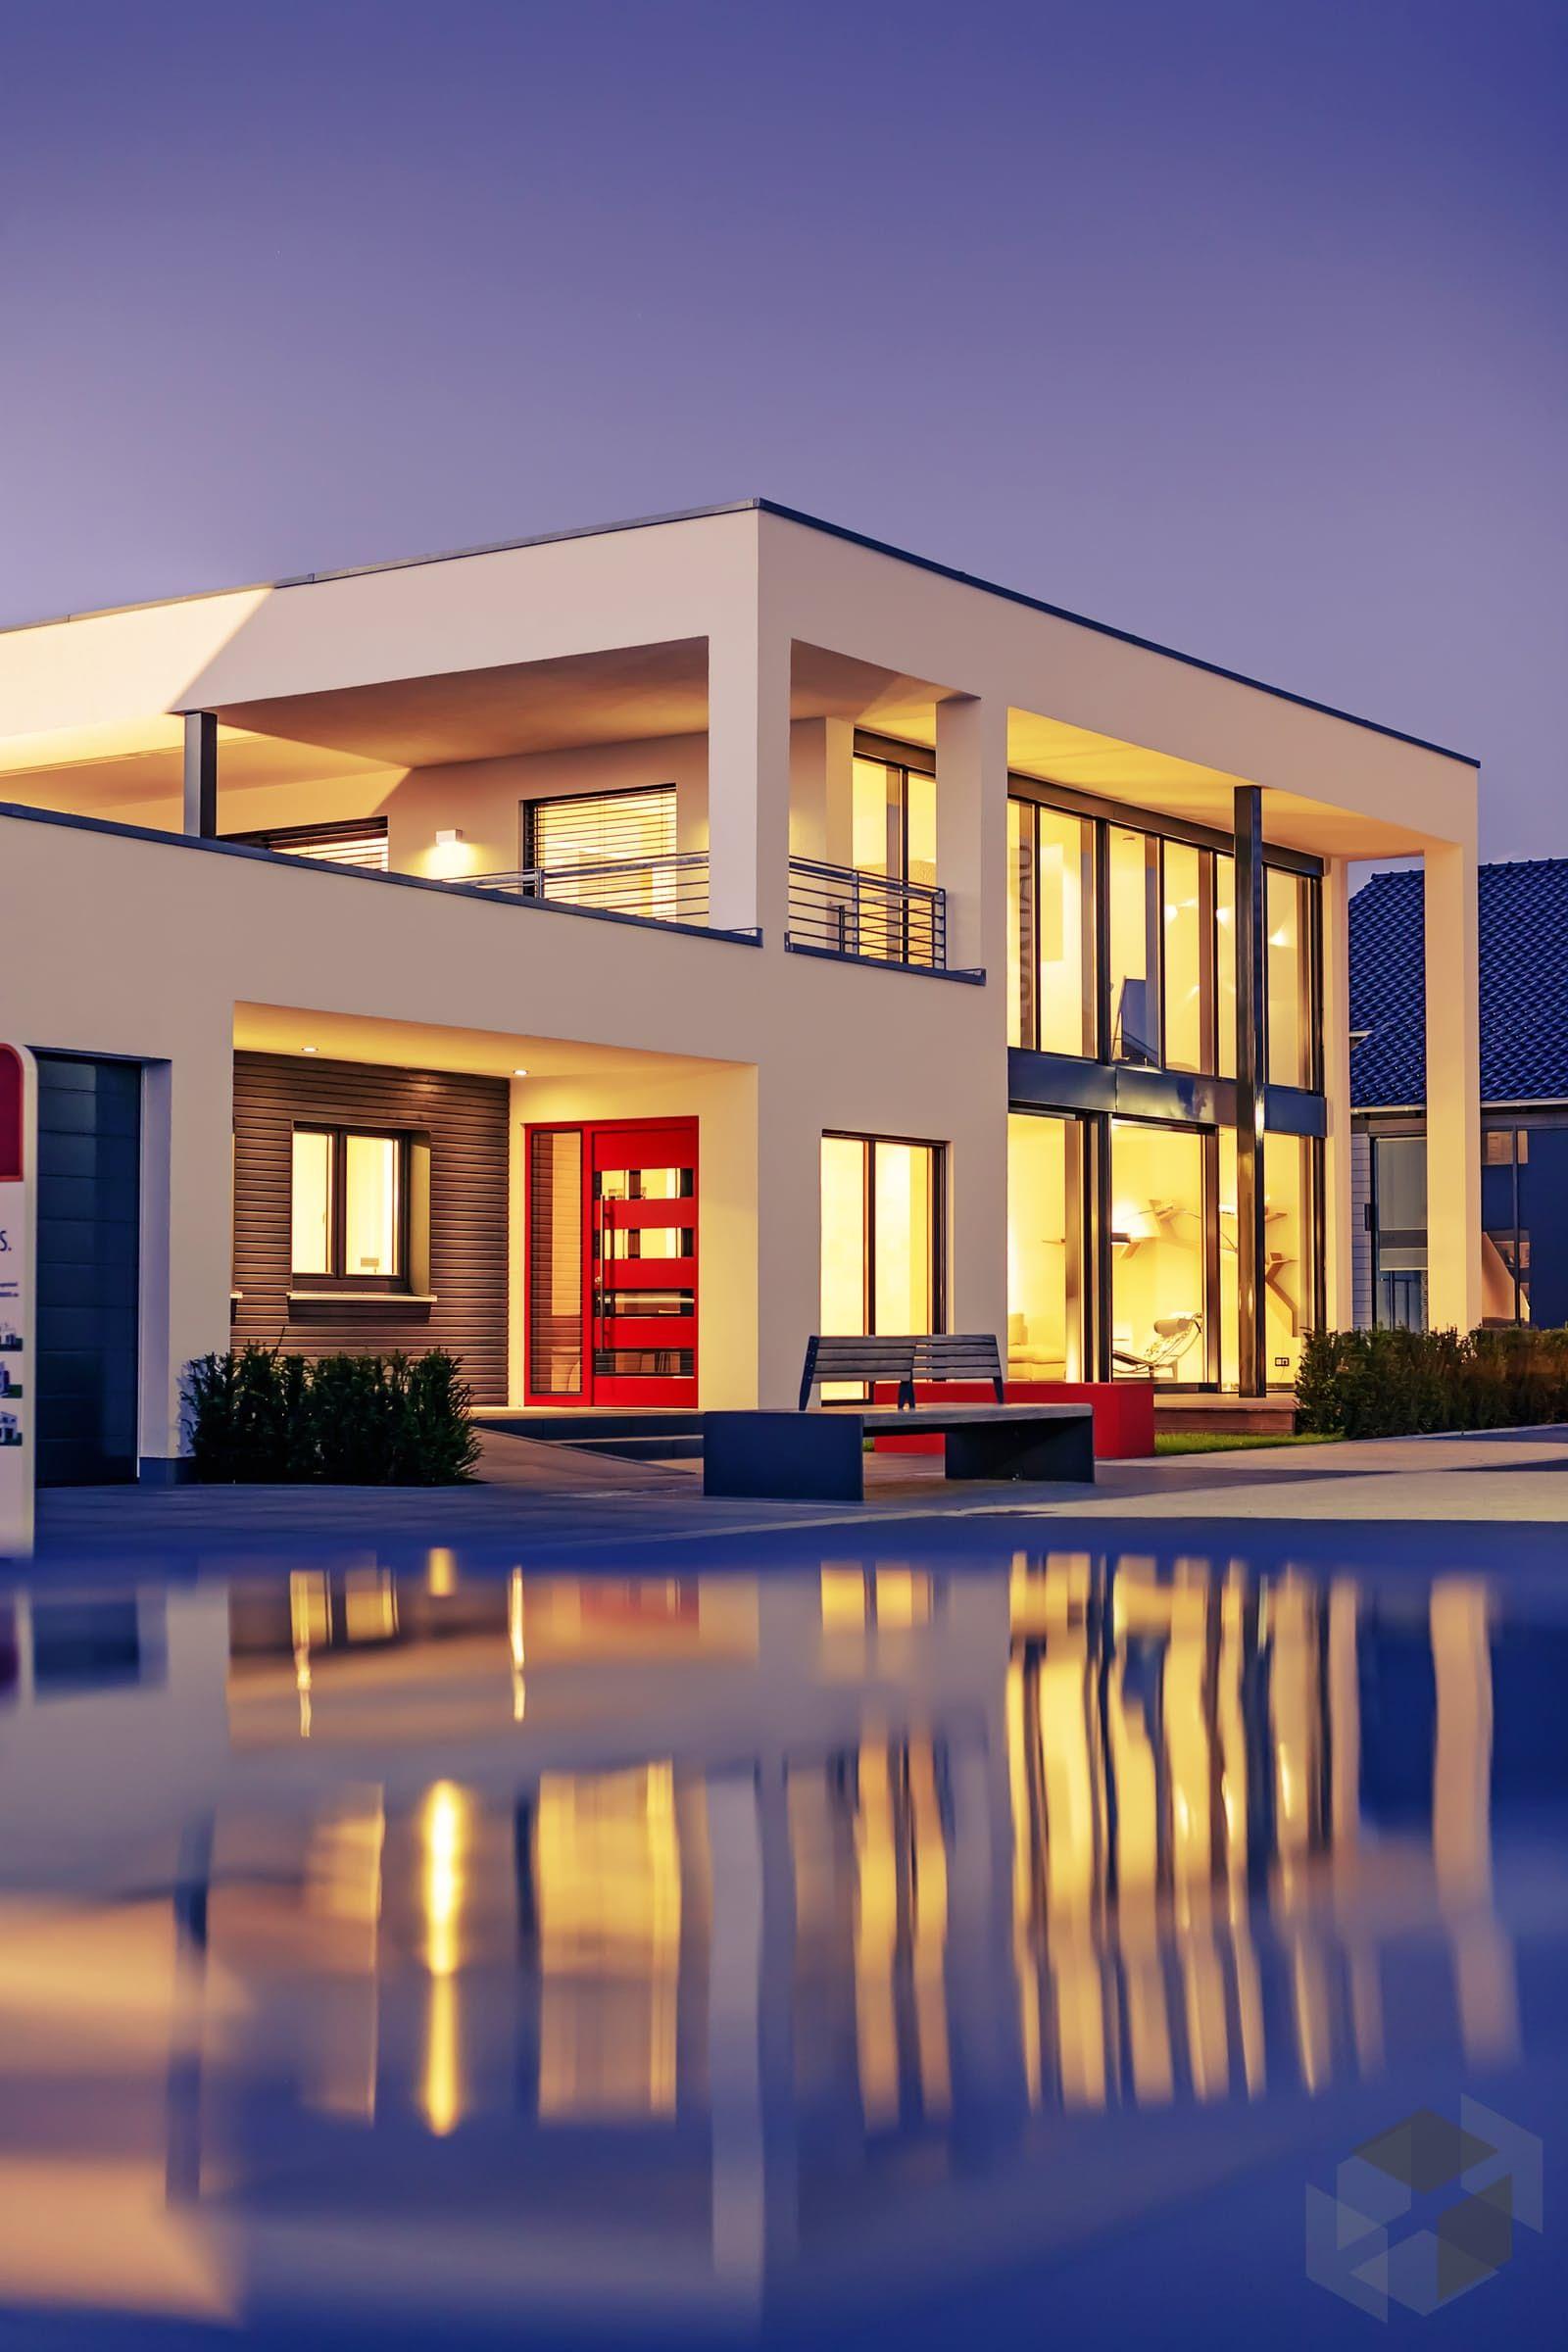 Klick auf das Bild, um direkt zur Auswahl an Kubushäusern